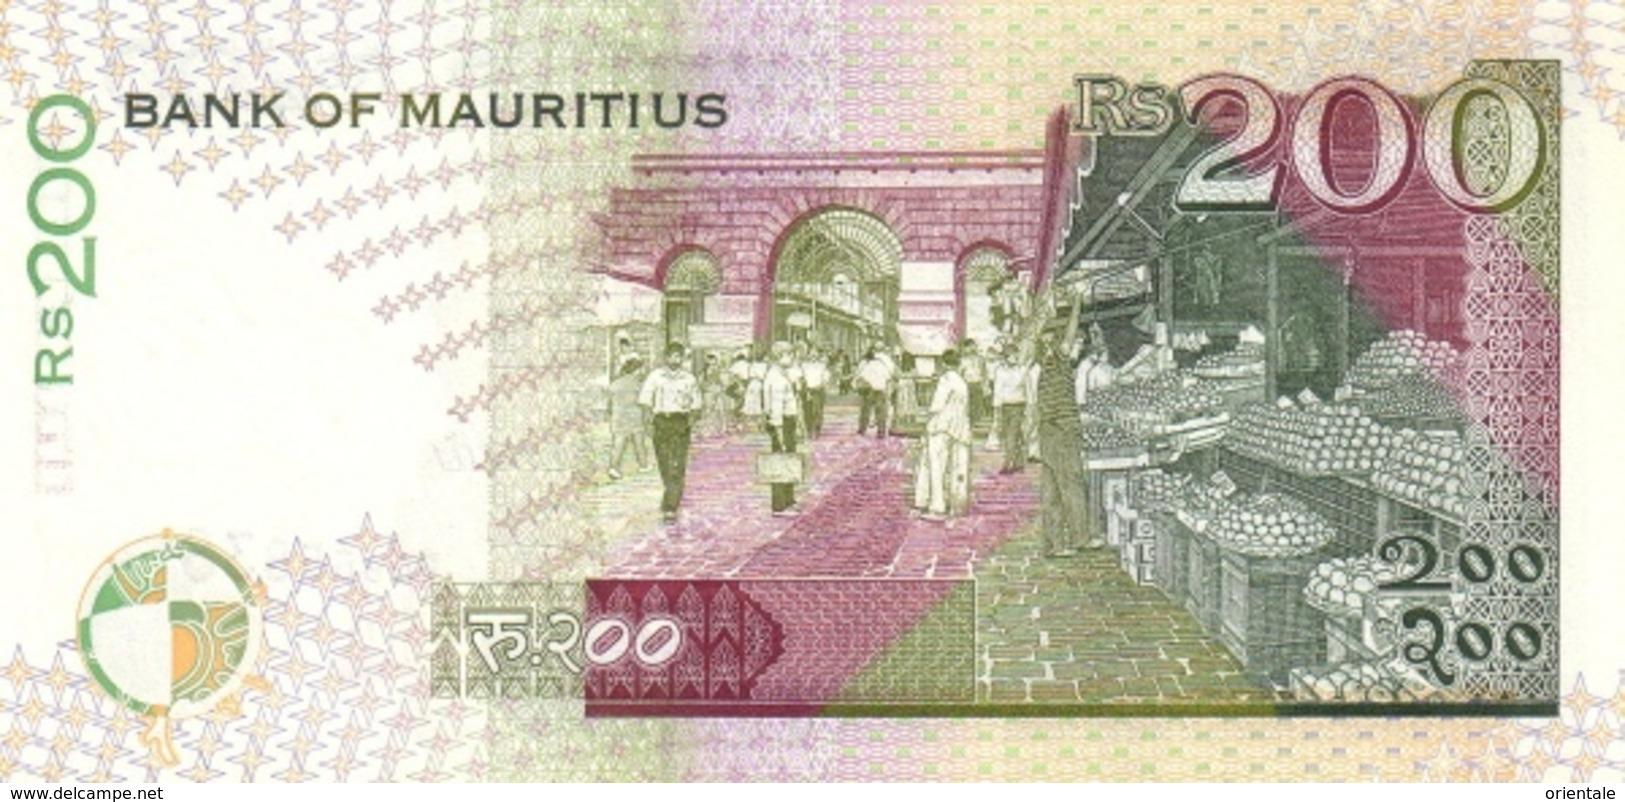 MAURITIUS P. 45 200 R 1998 UNC - Maurice